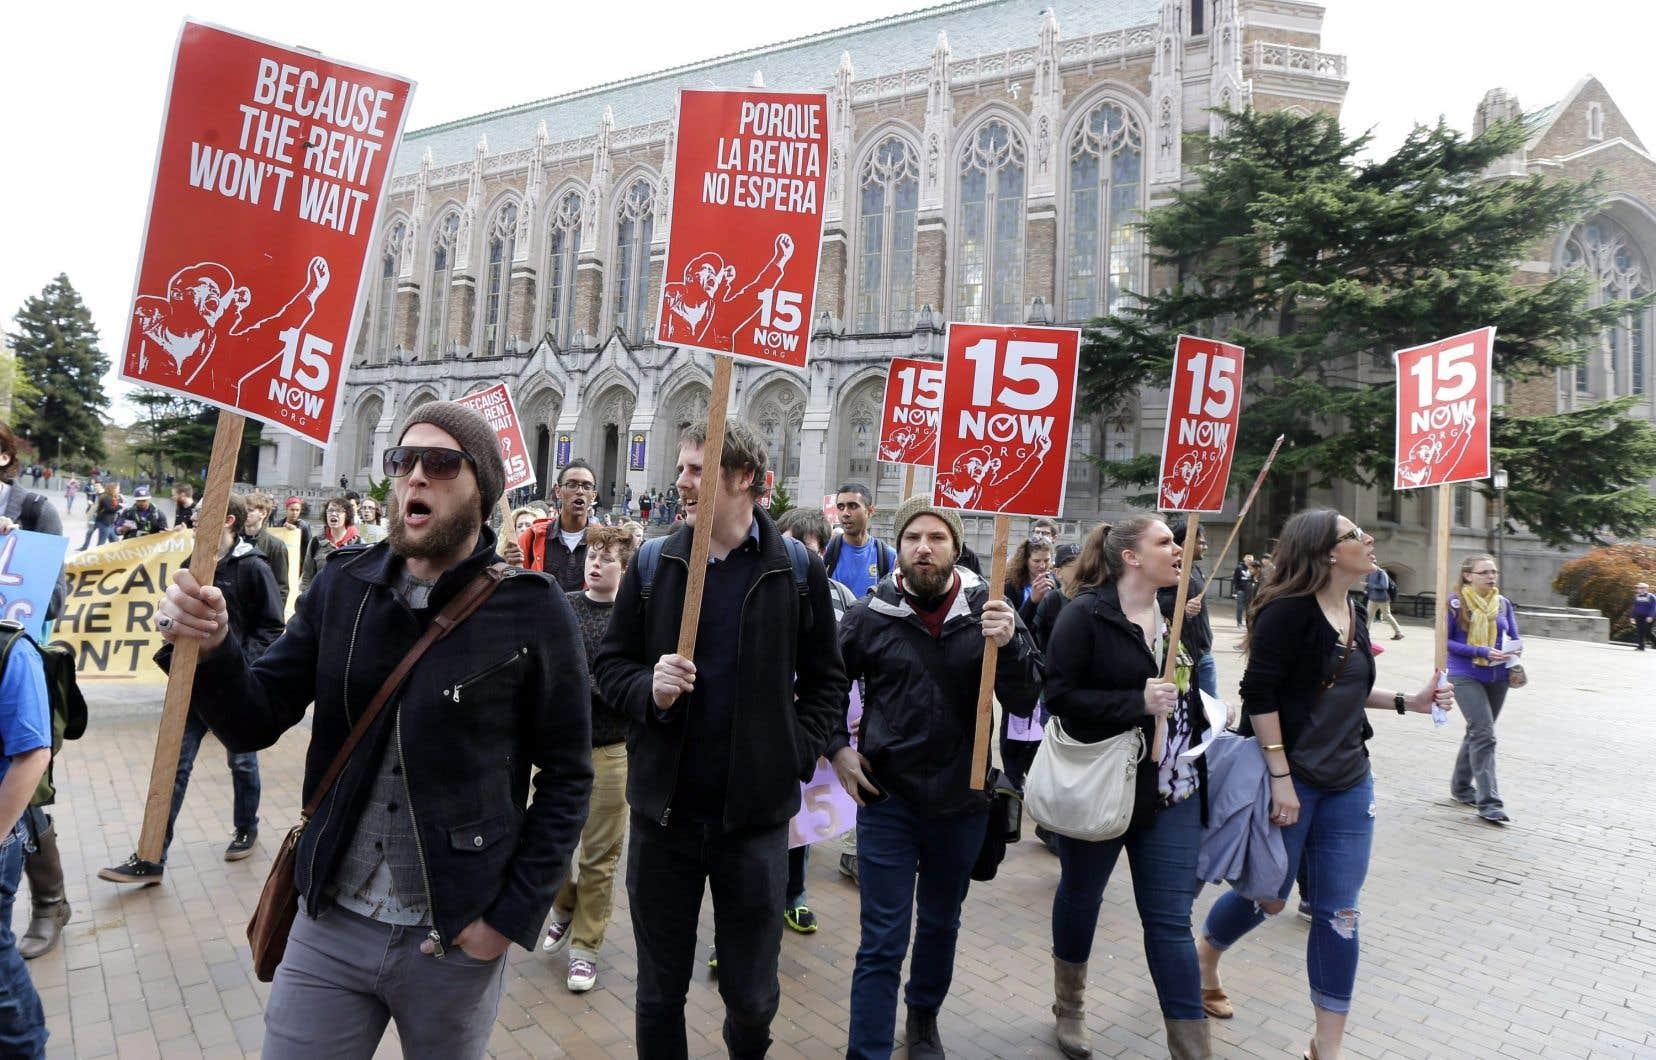 Des étudiants manifestent à l'Université de Washington, à Seattle, le 1er avril 2015, pour demander l'augmentation à 15$ de l'heure du salaire des employés du campus.